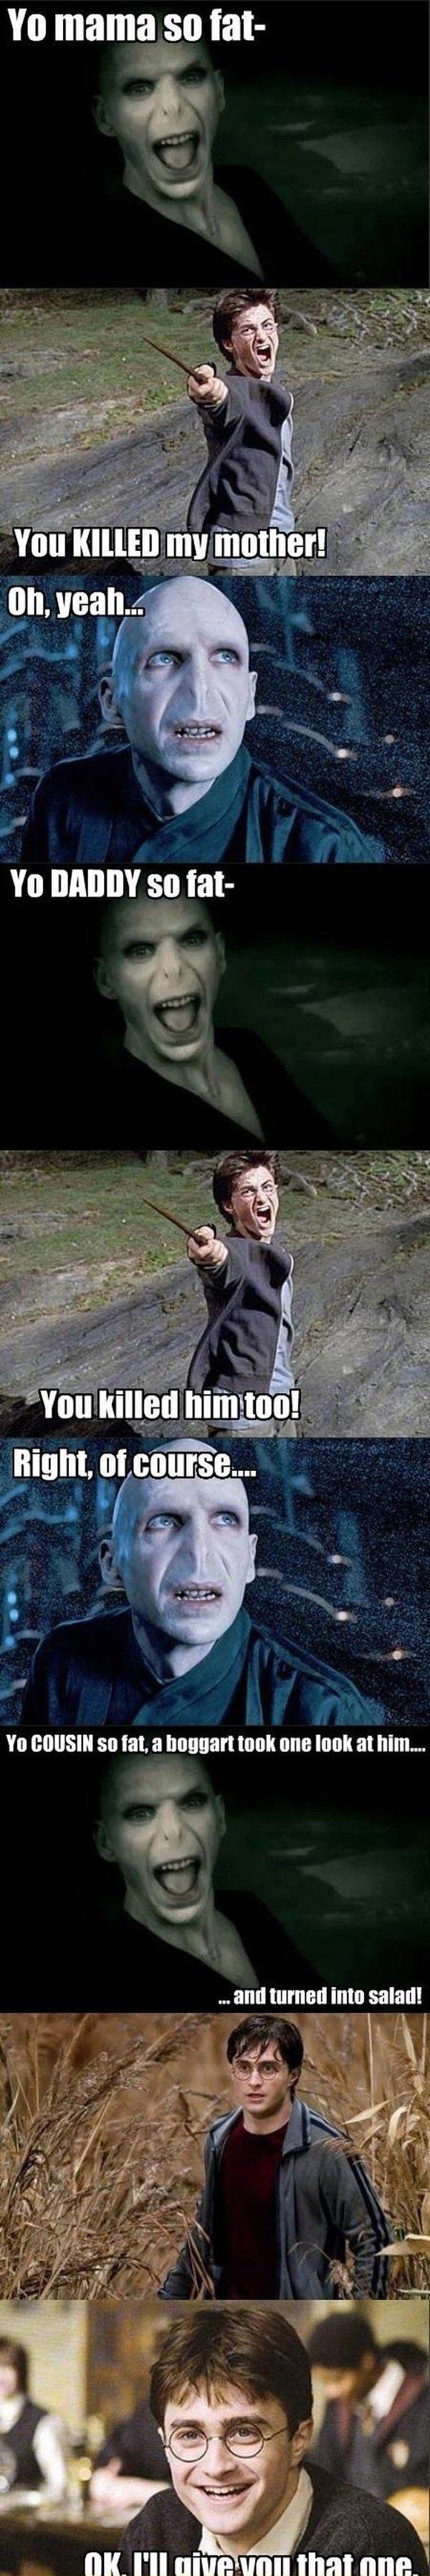 Harry Potter - Parody Scene... silly :p